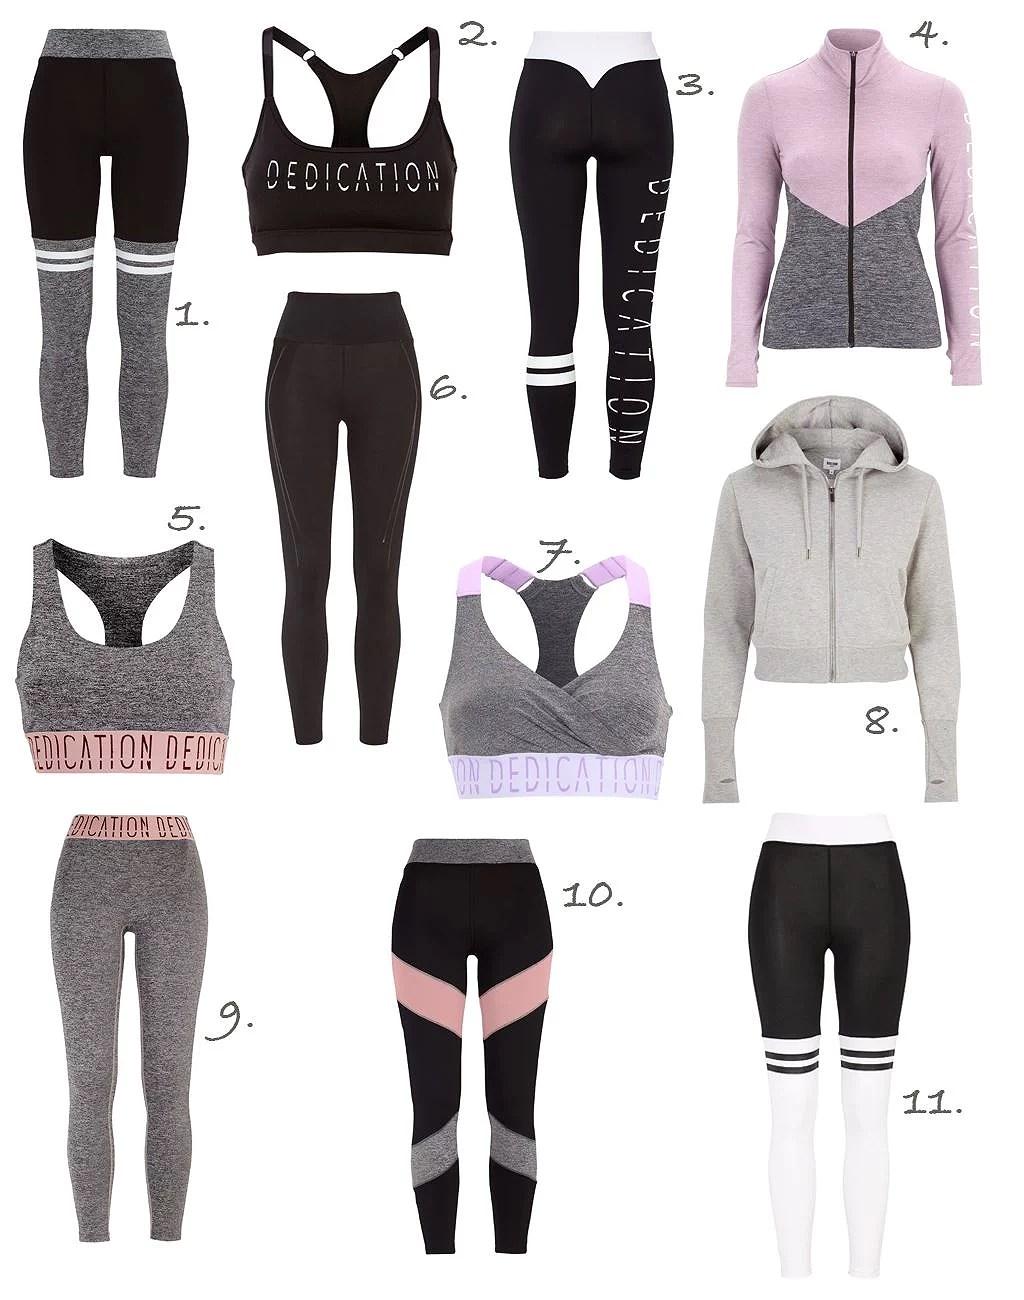 Snygga träningkläder till budget priser